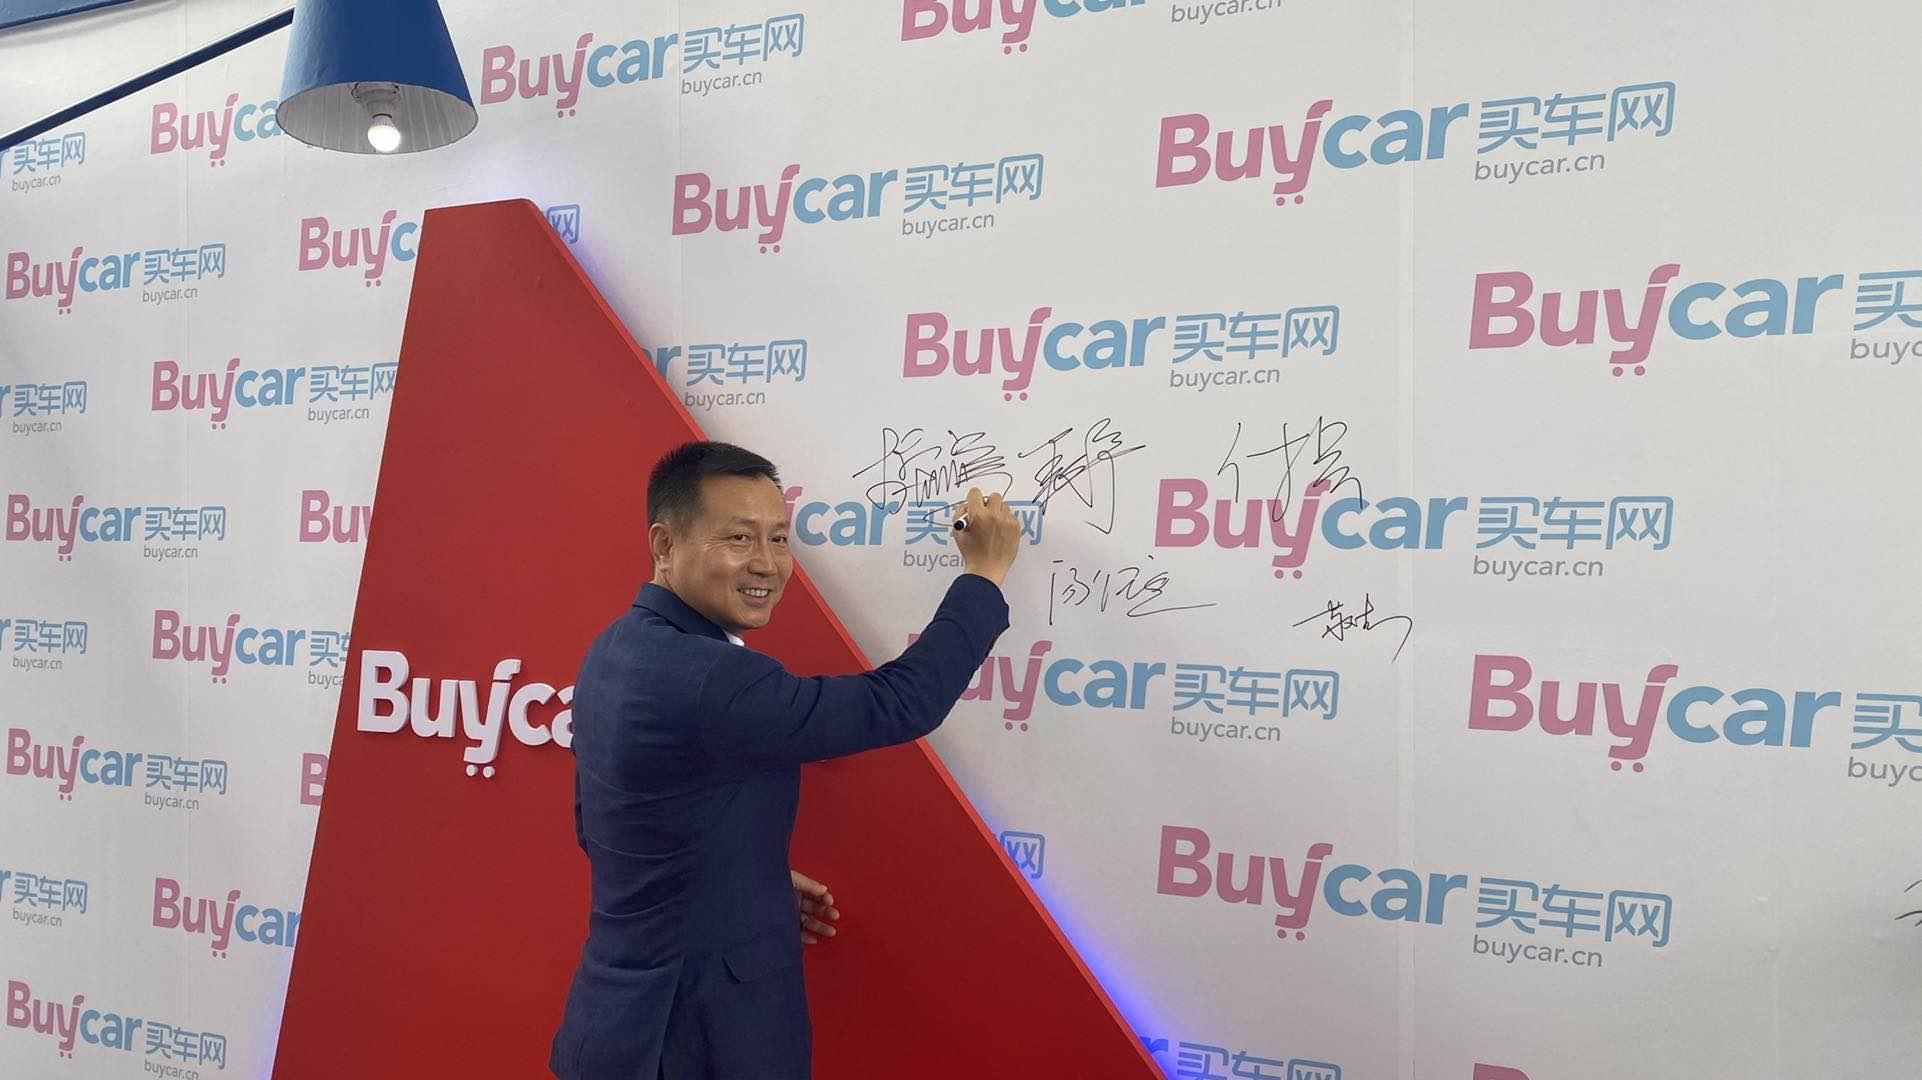 现代汽车集团(中国)首席商务官李宏鹏:以帕里斯帝为契机,做好品牌提升